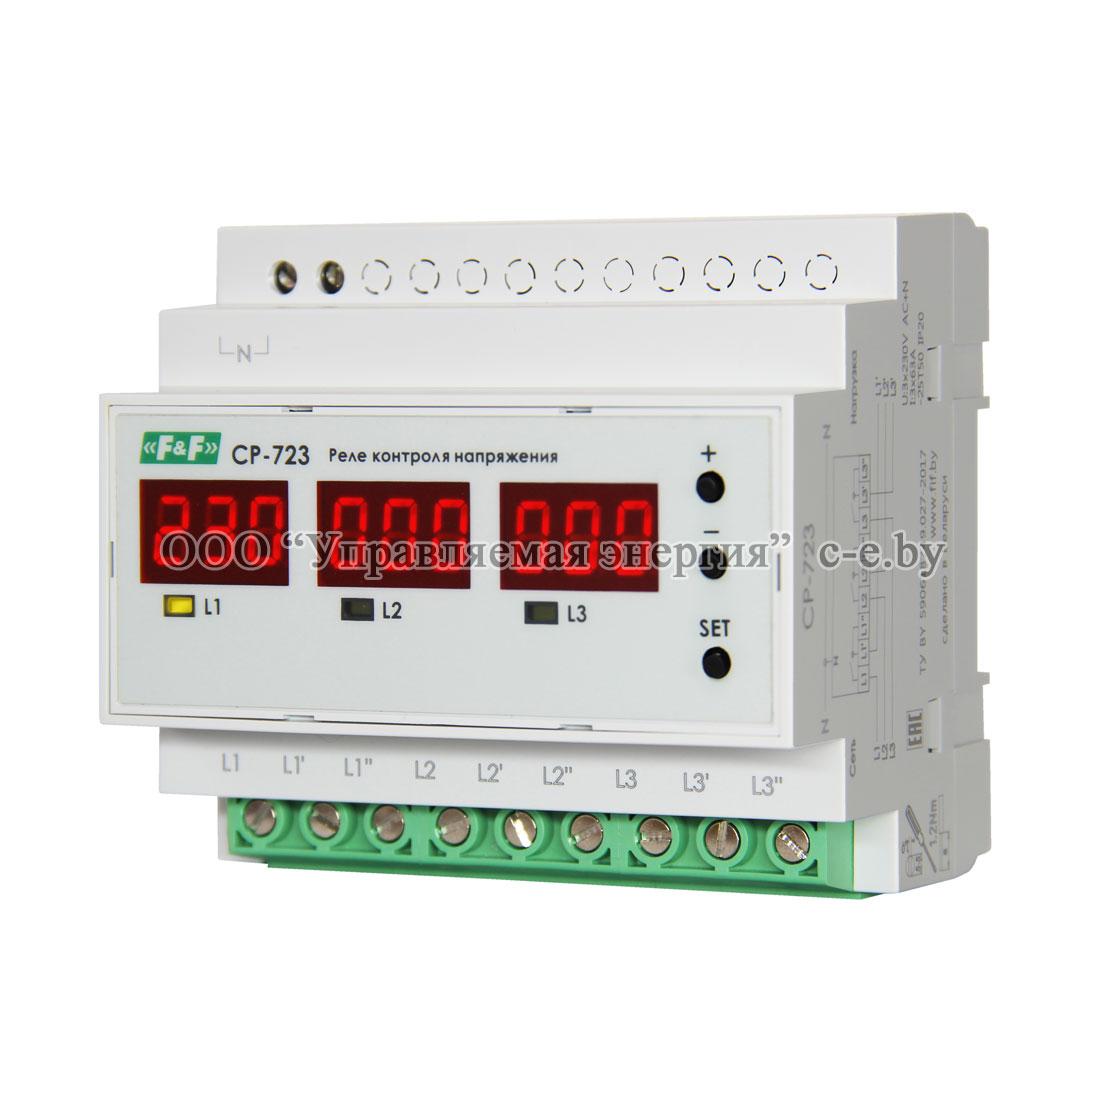 СР-723 реле контроля напряжения